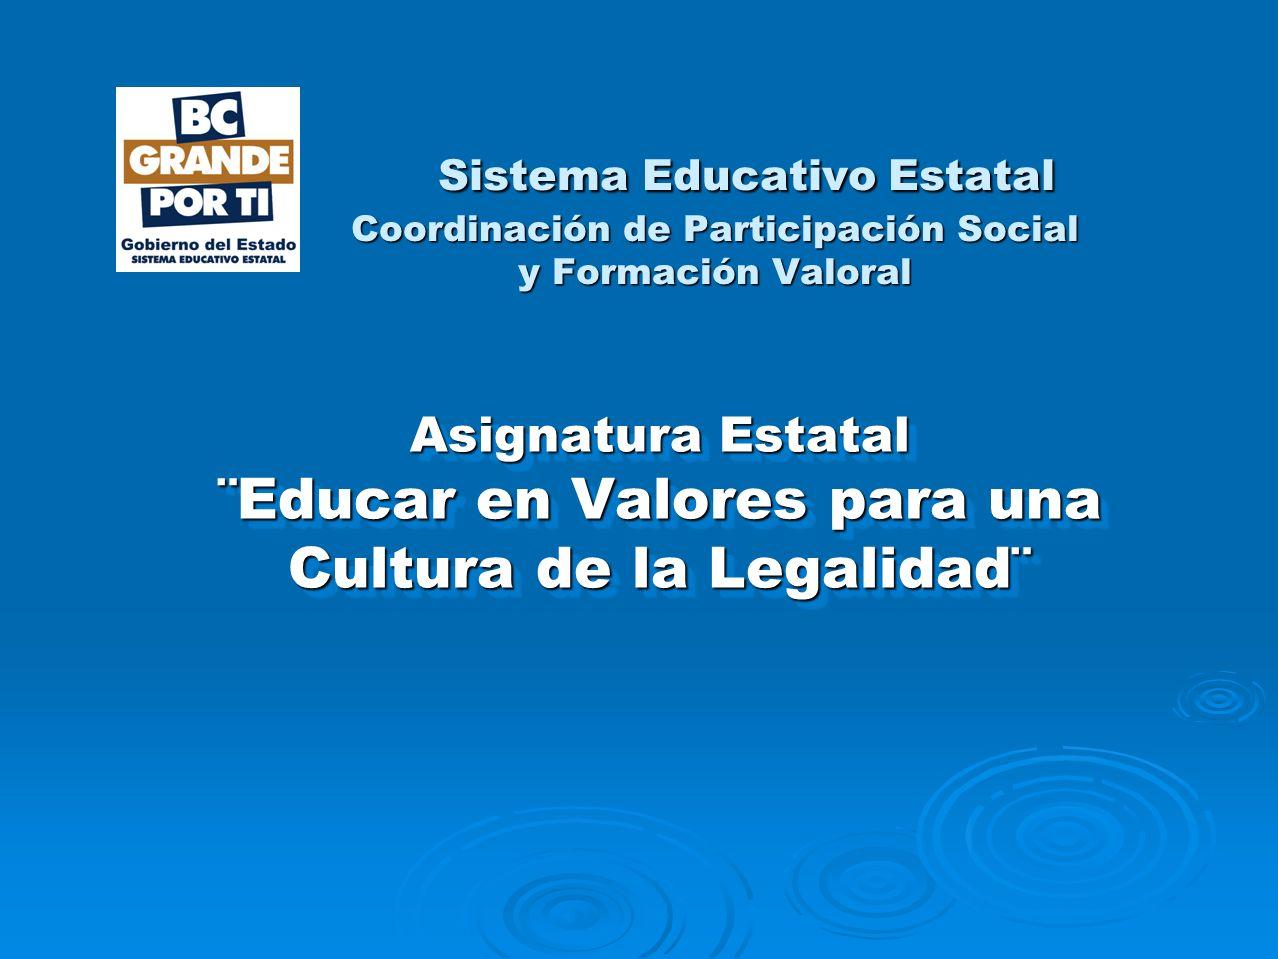 Sistema Educativo Estatal Coordinación de Participación Social y Formación Valoral